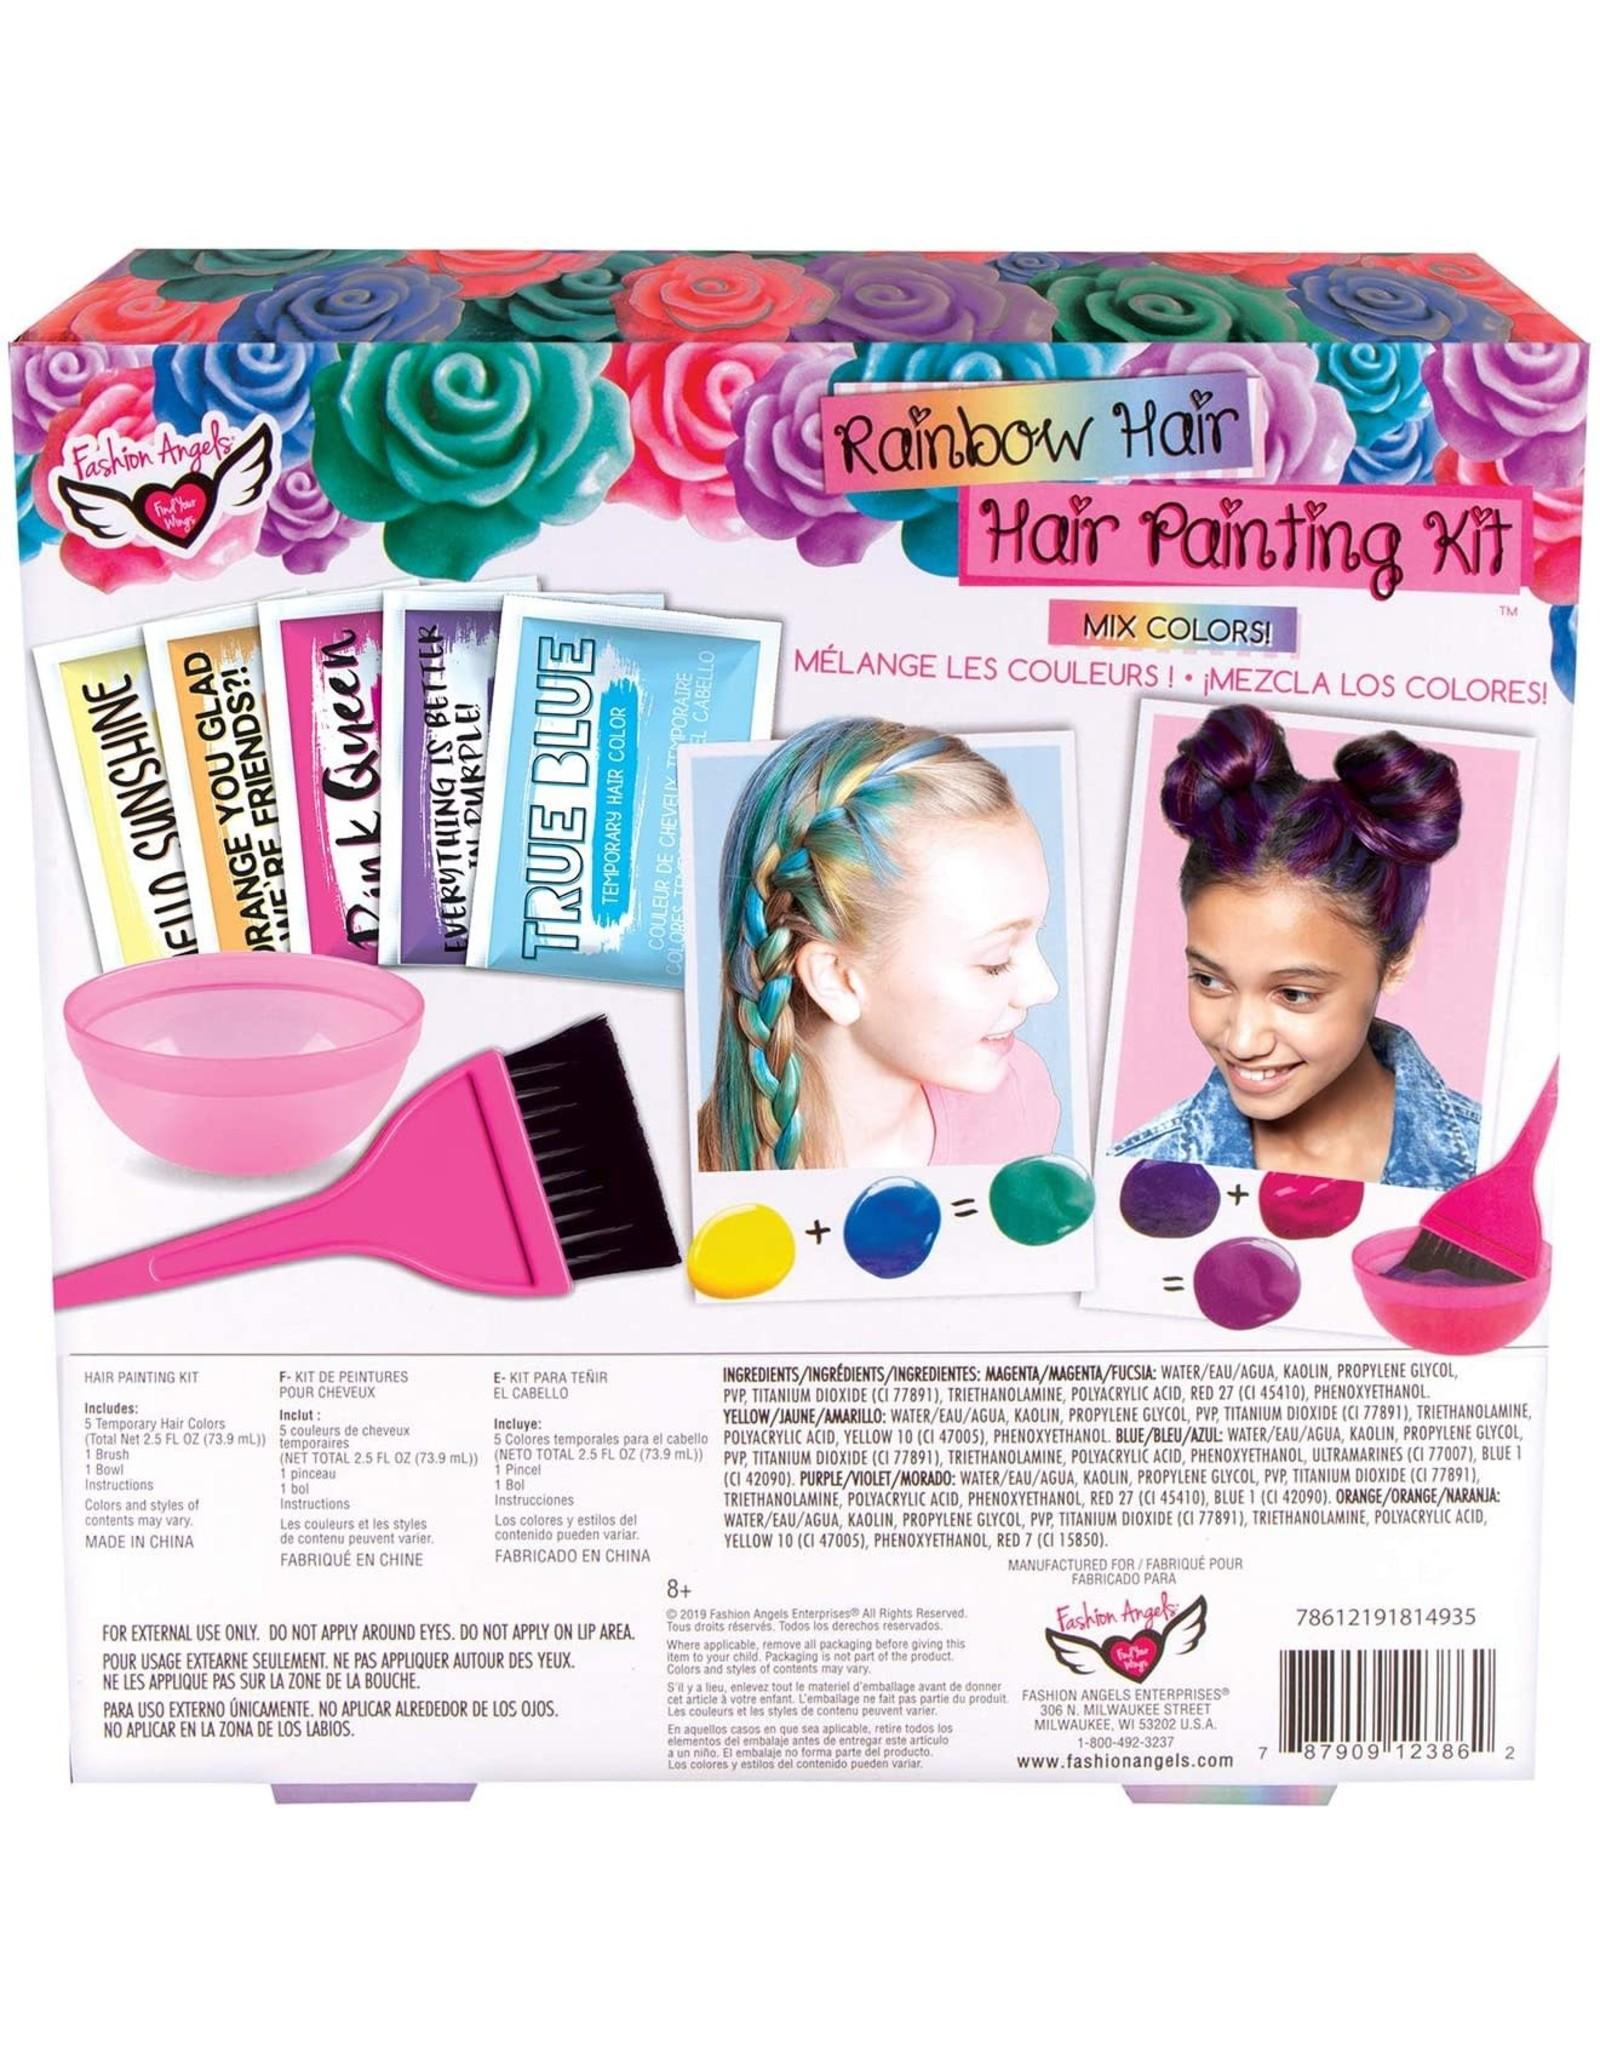 Fashion Angels Rainbow Hair, Hair Painting Kit